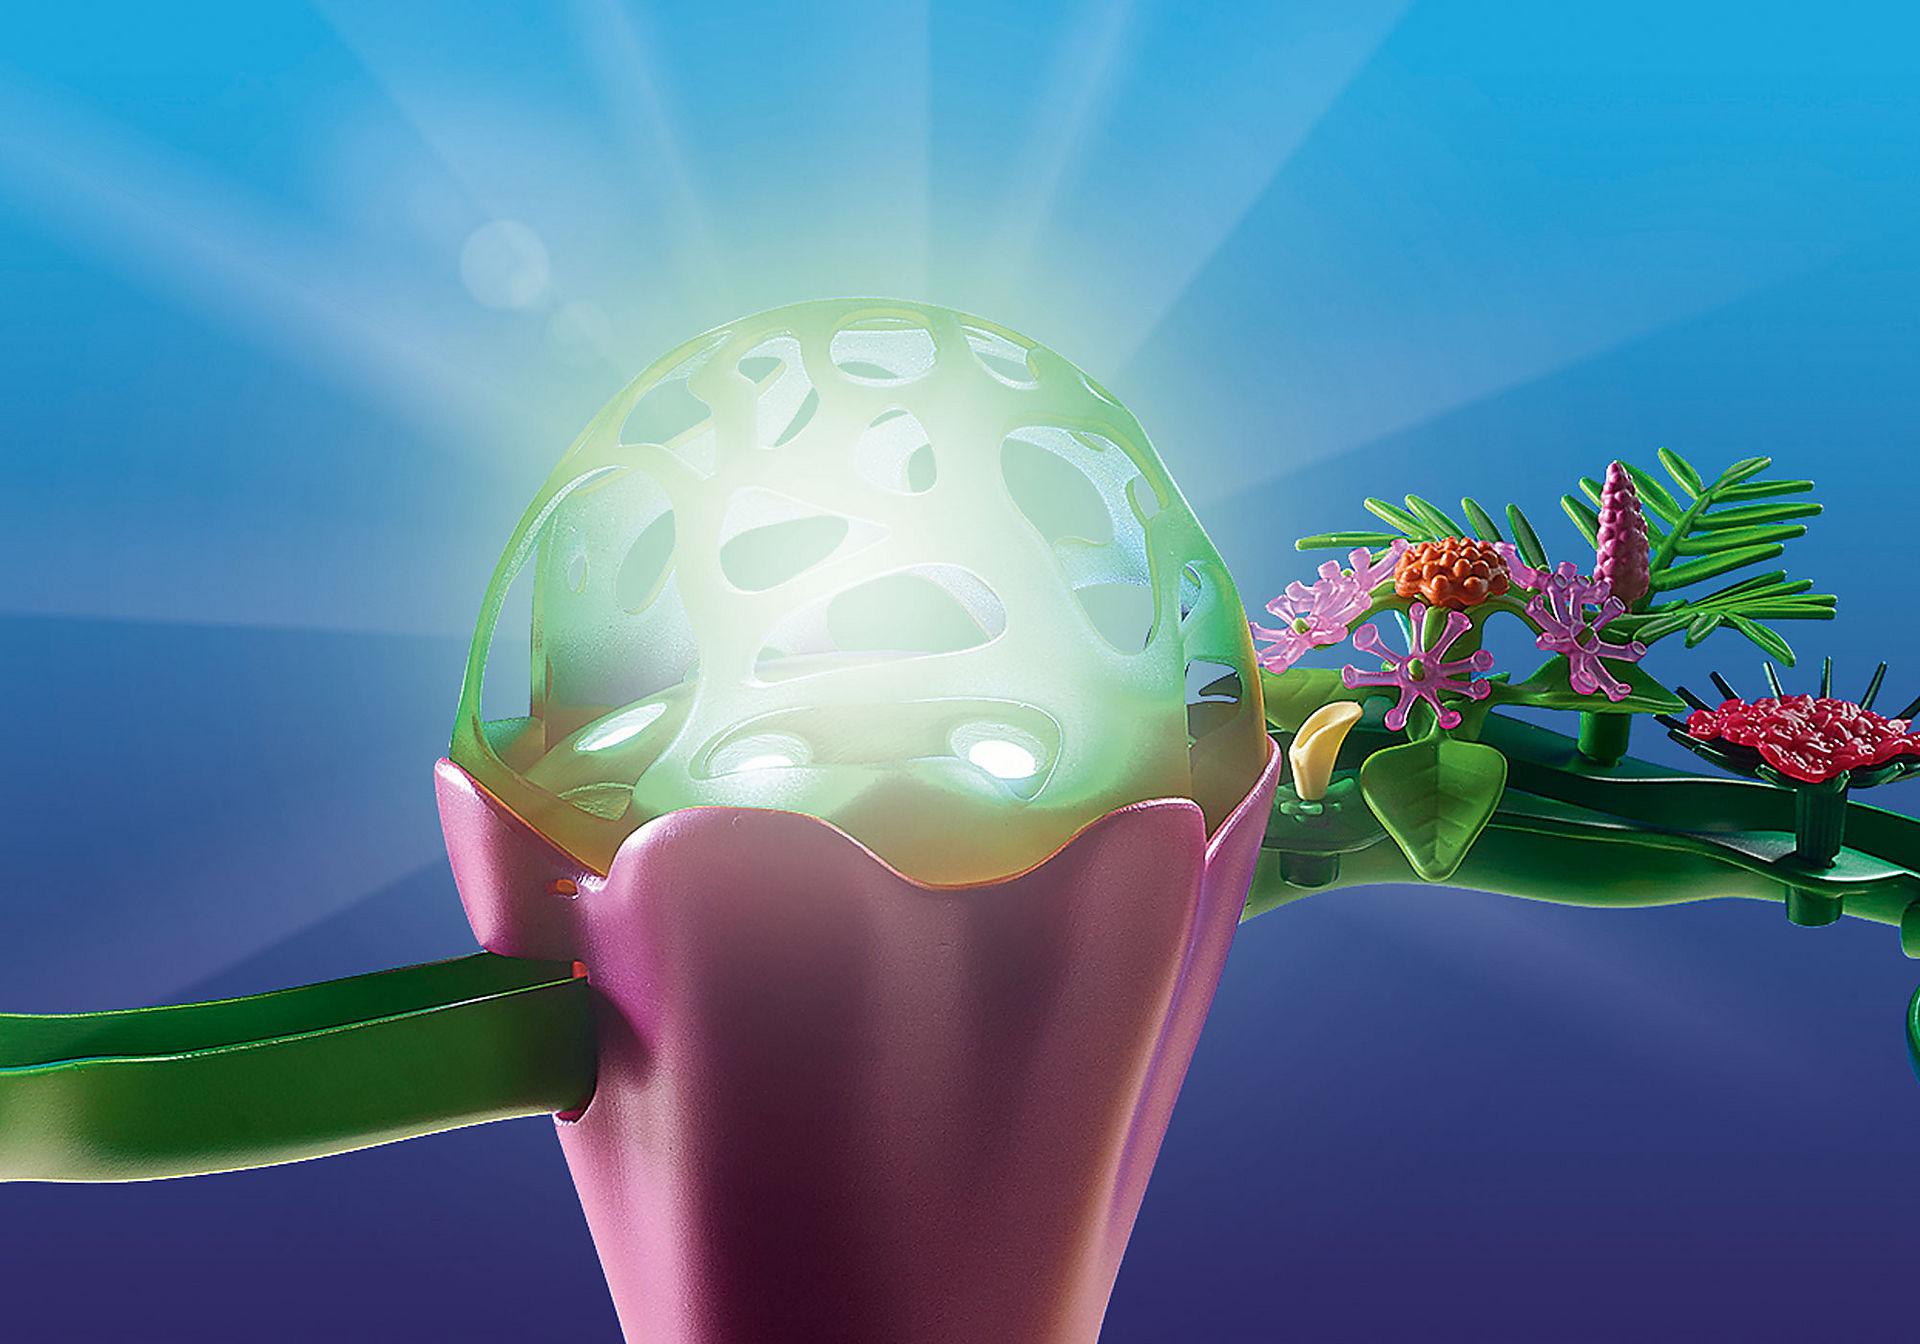 70094 Koraalpaviljoen met lichtkoepel zoom image6